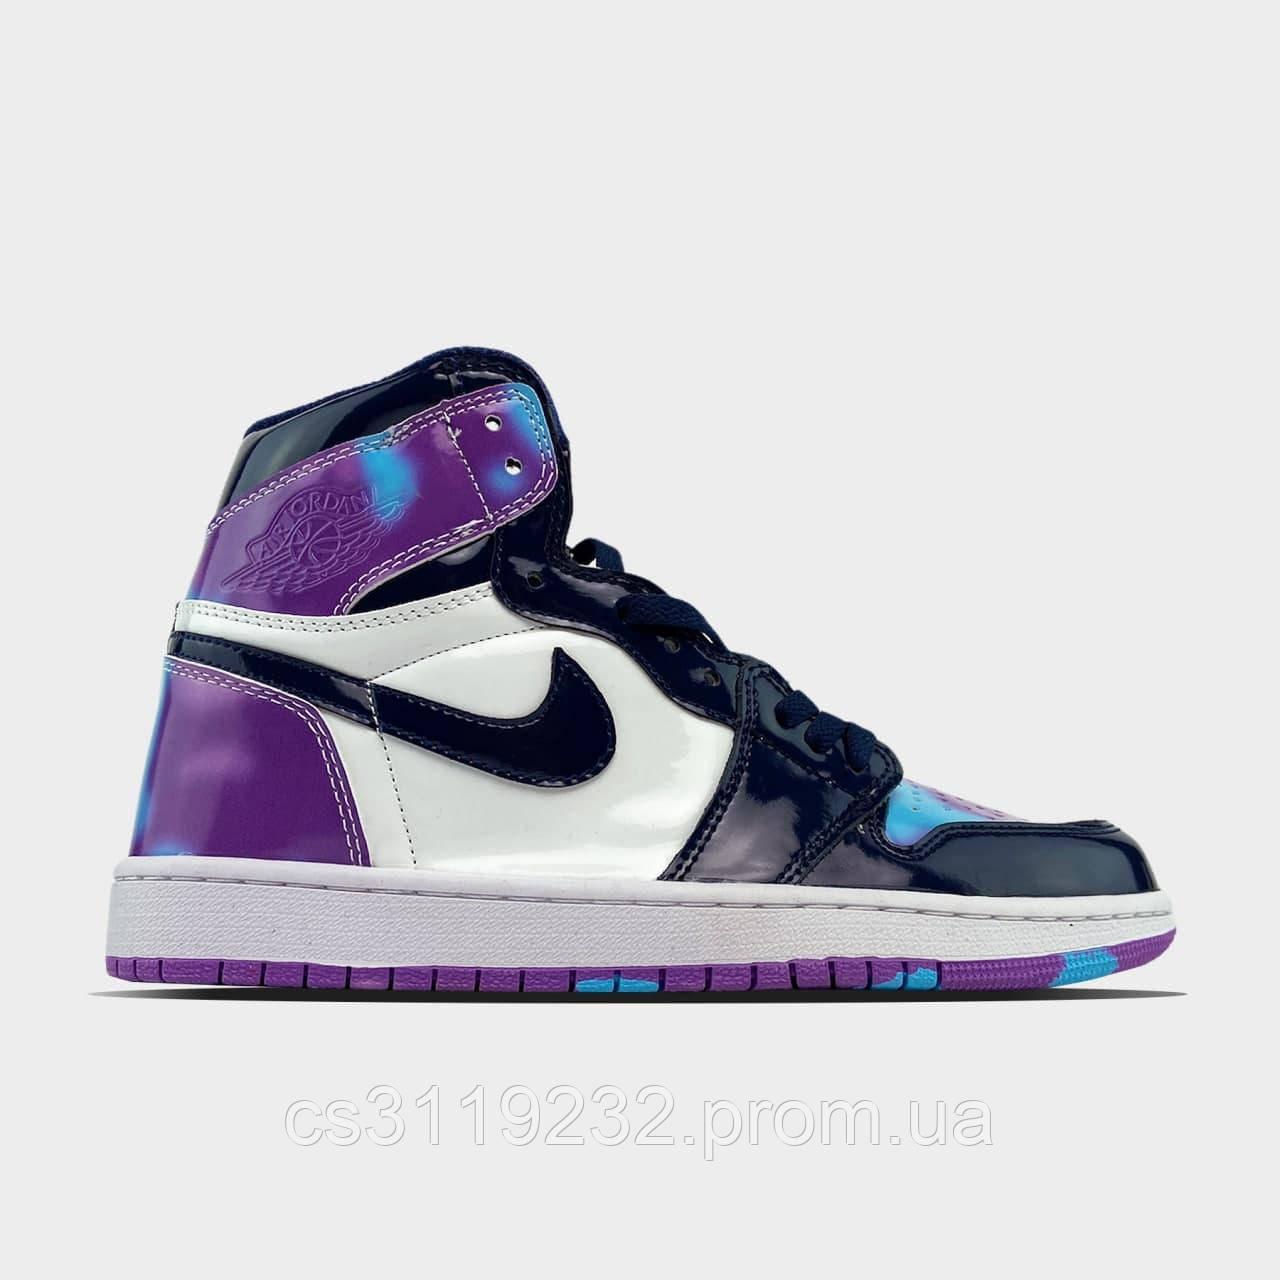 Жіночі кросівки Nike Air Jordan 1 Purple White (білий/фіолетовий)